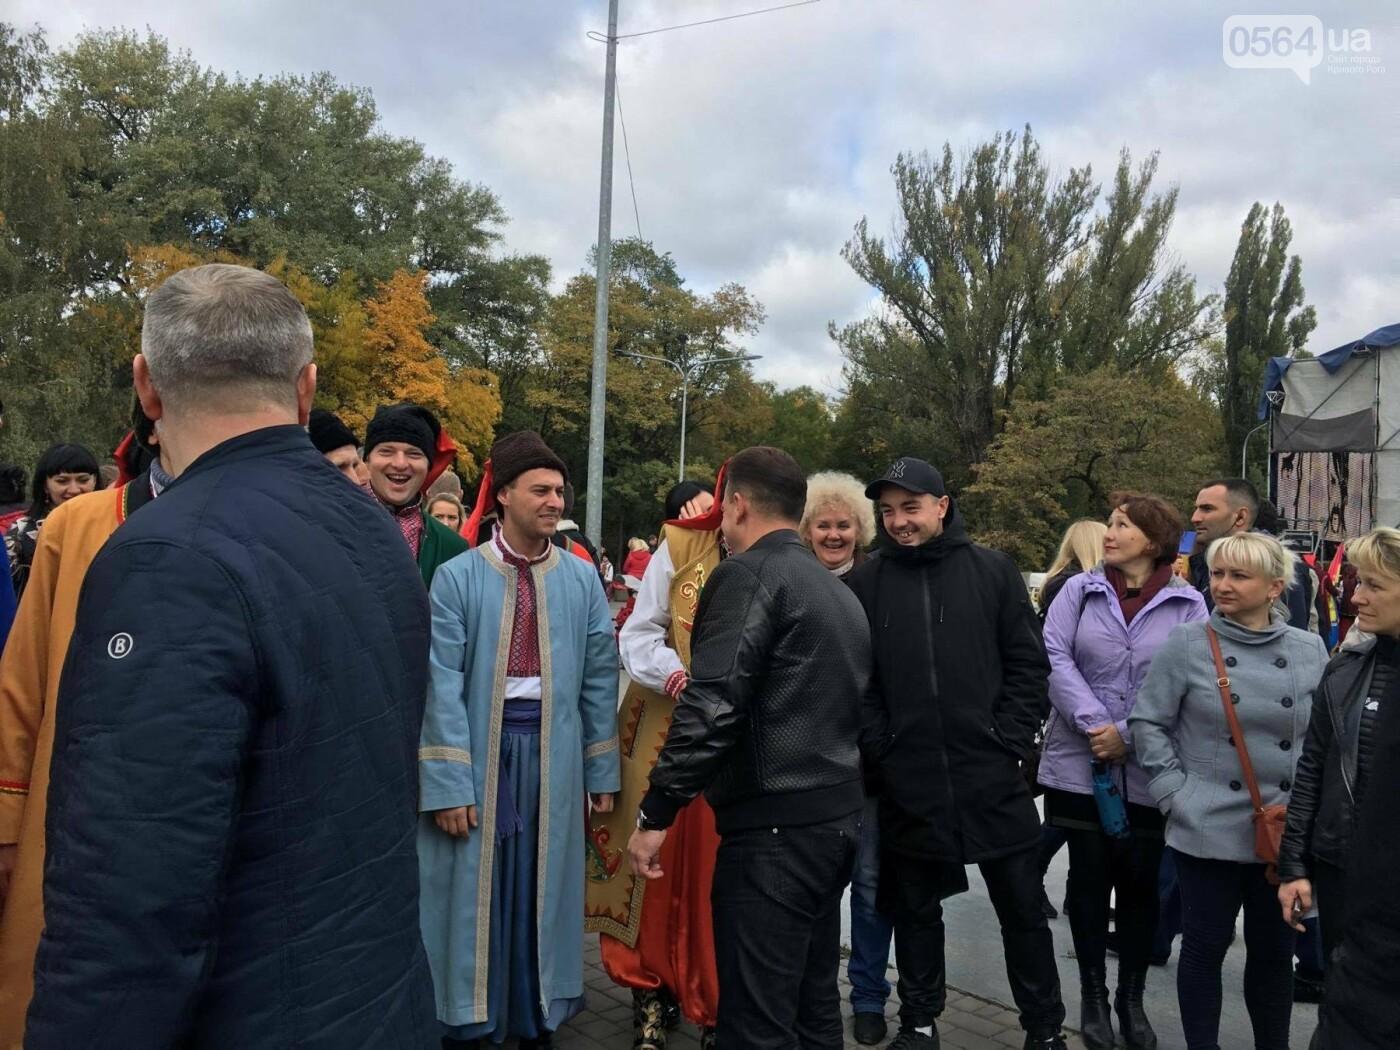 Тысячи криворожан отмечают День украинского козачества на Фестивале в парке Героев (ФОТО, ВИДЕО), фото-12